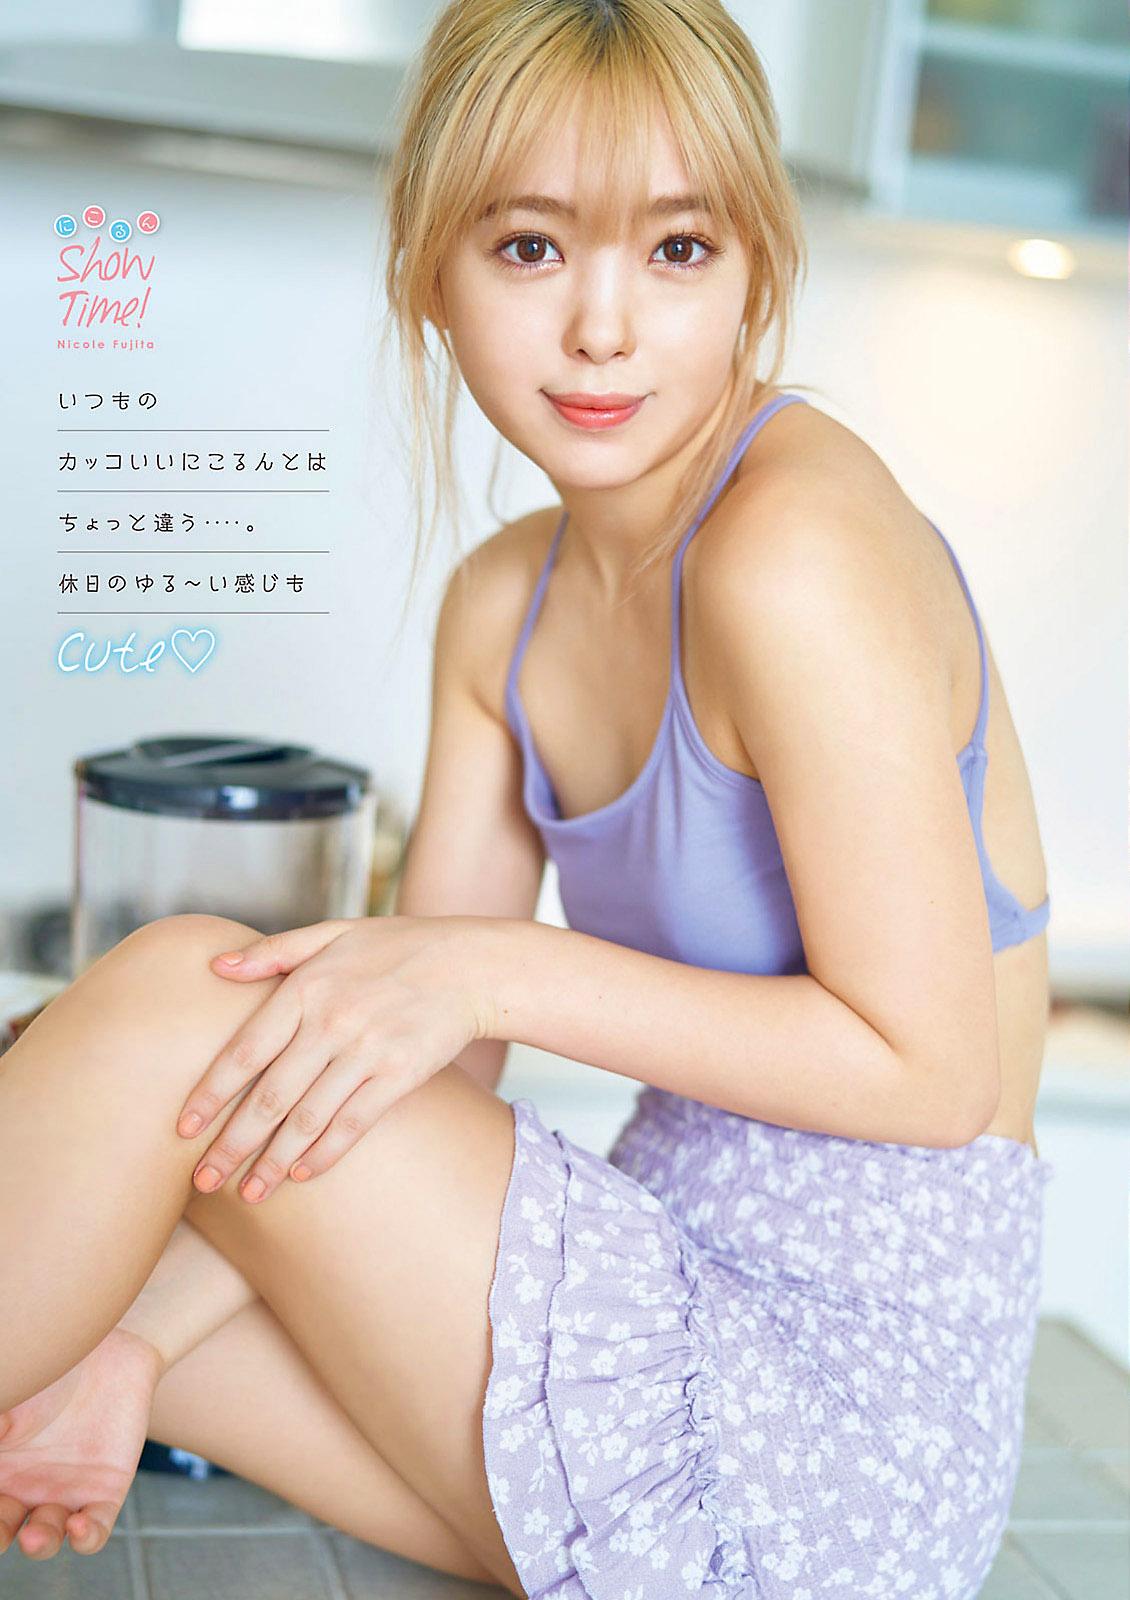 Nicole Fujita Young Magazine 200914 04.jpg